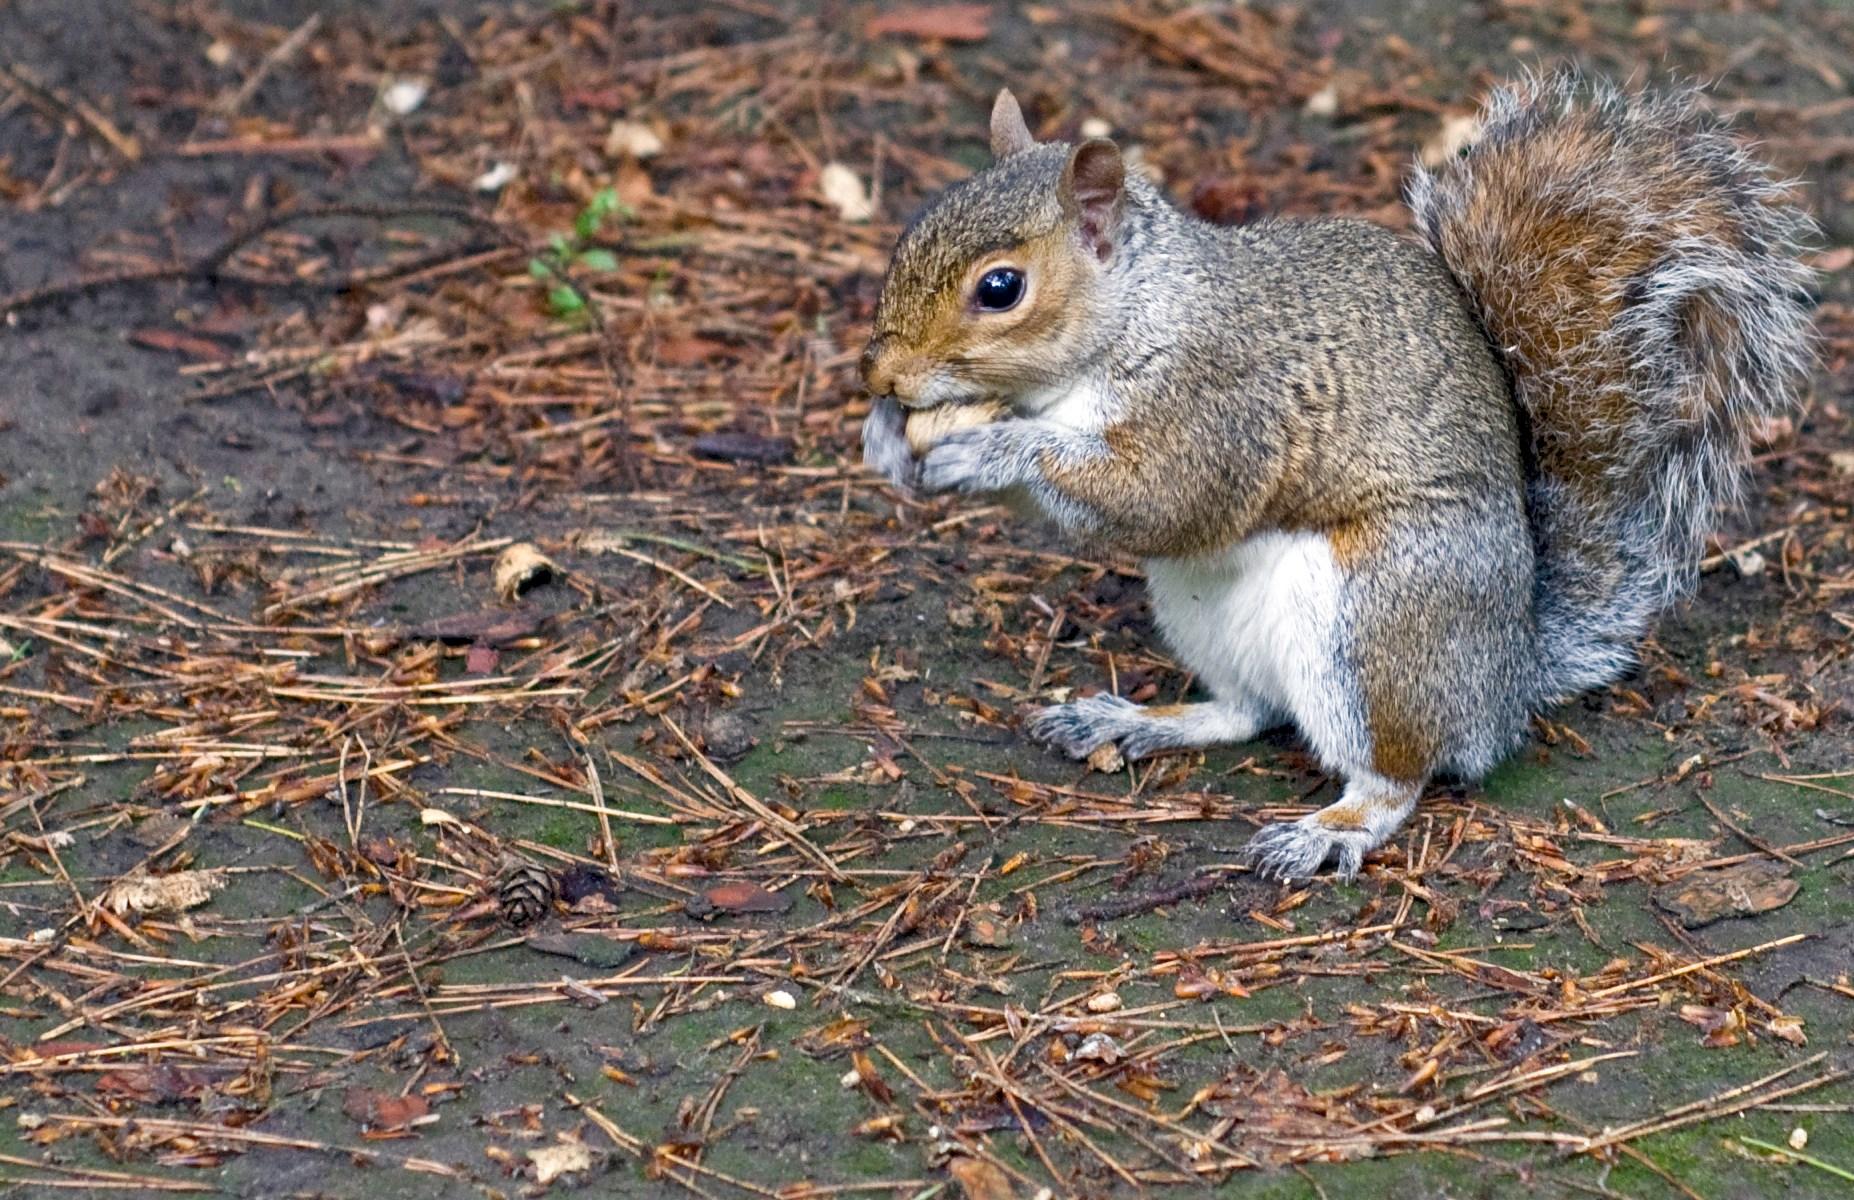 Squirrel in Royal Botanic Gardens